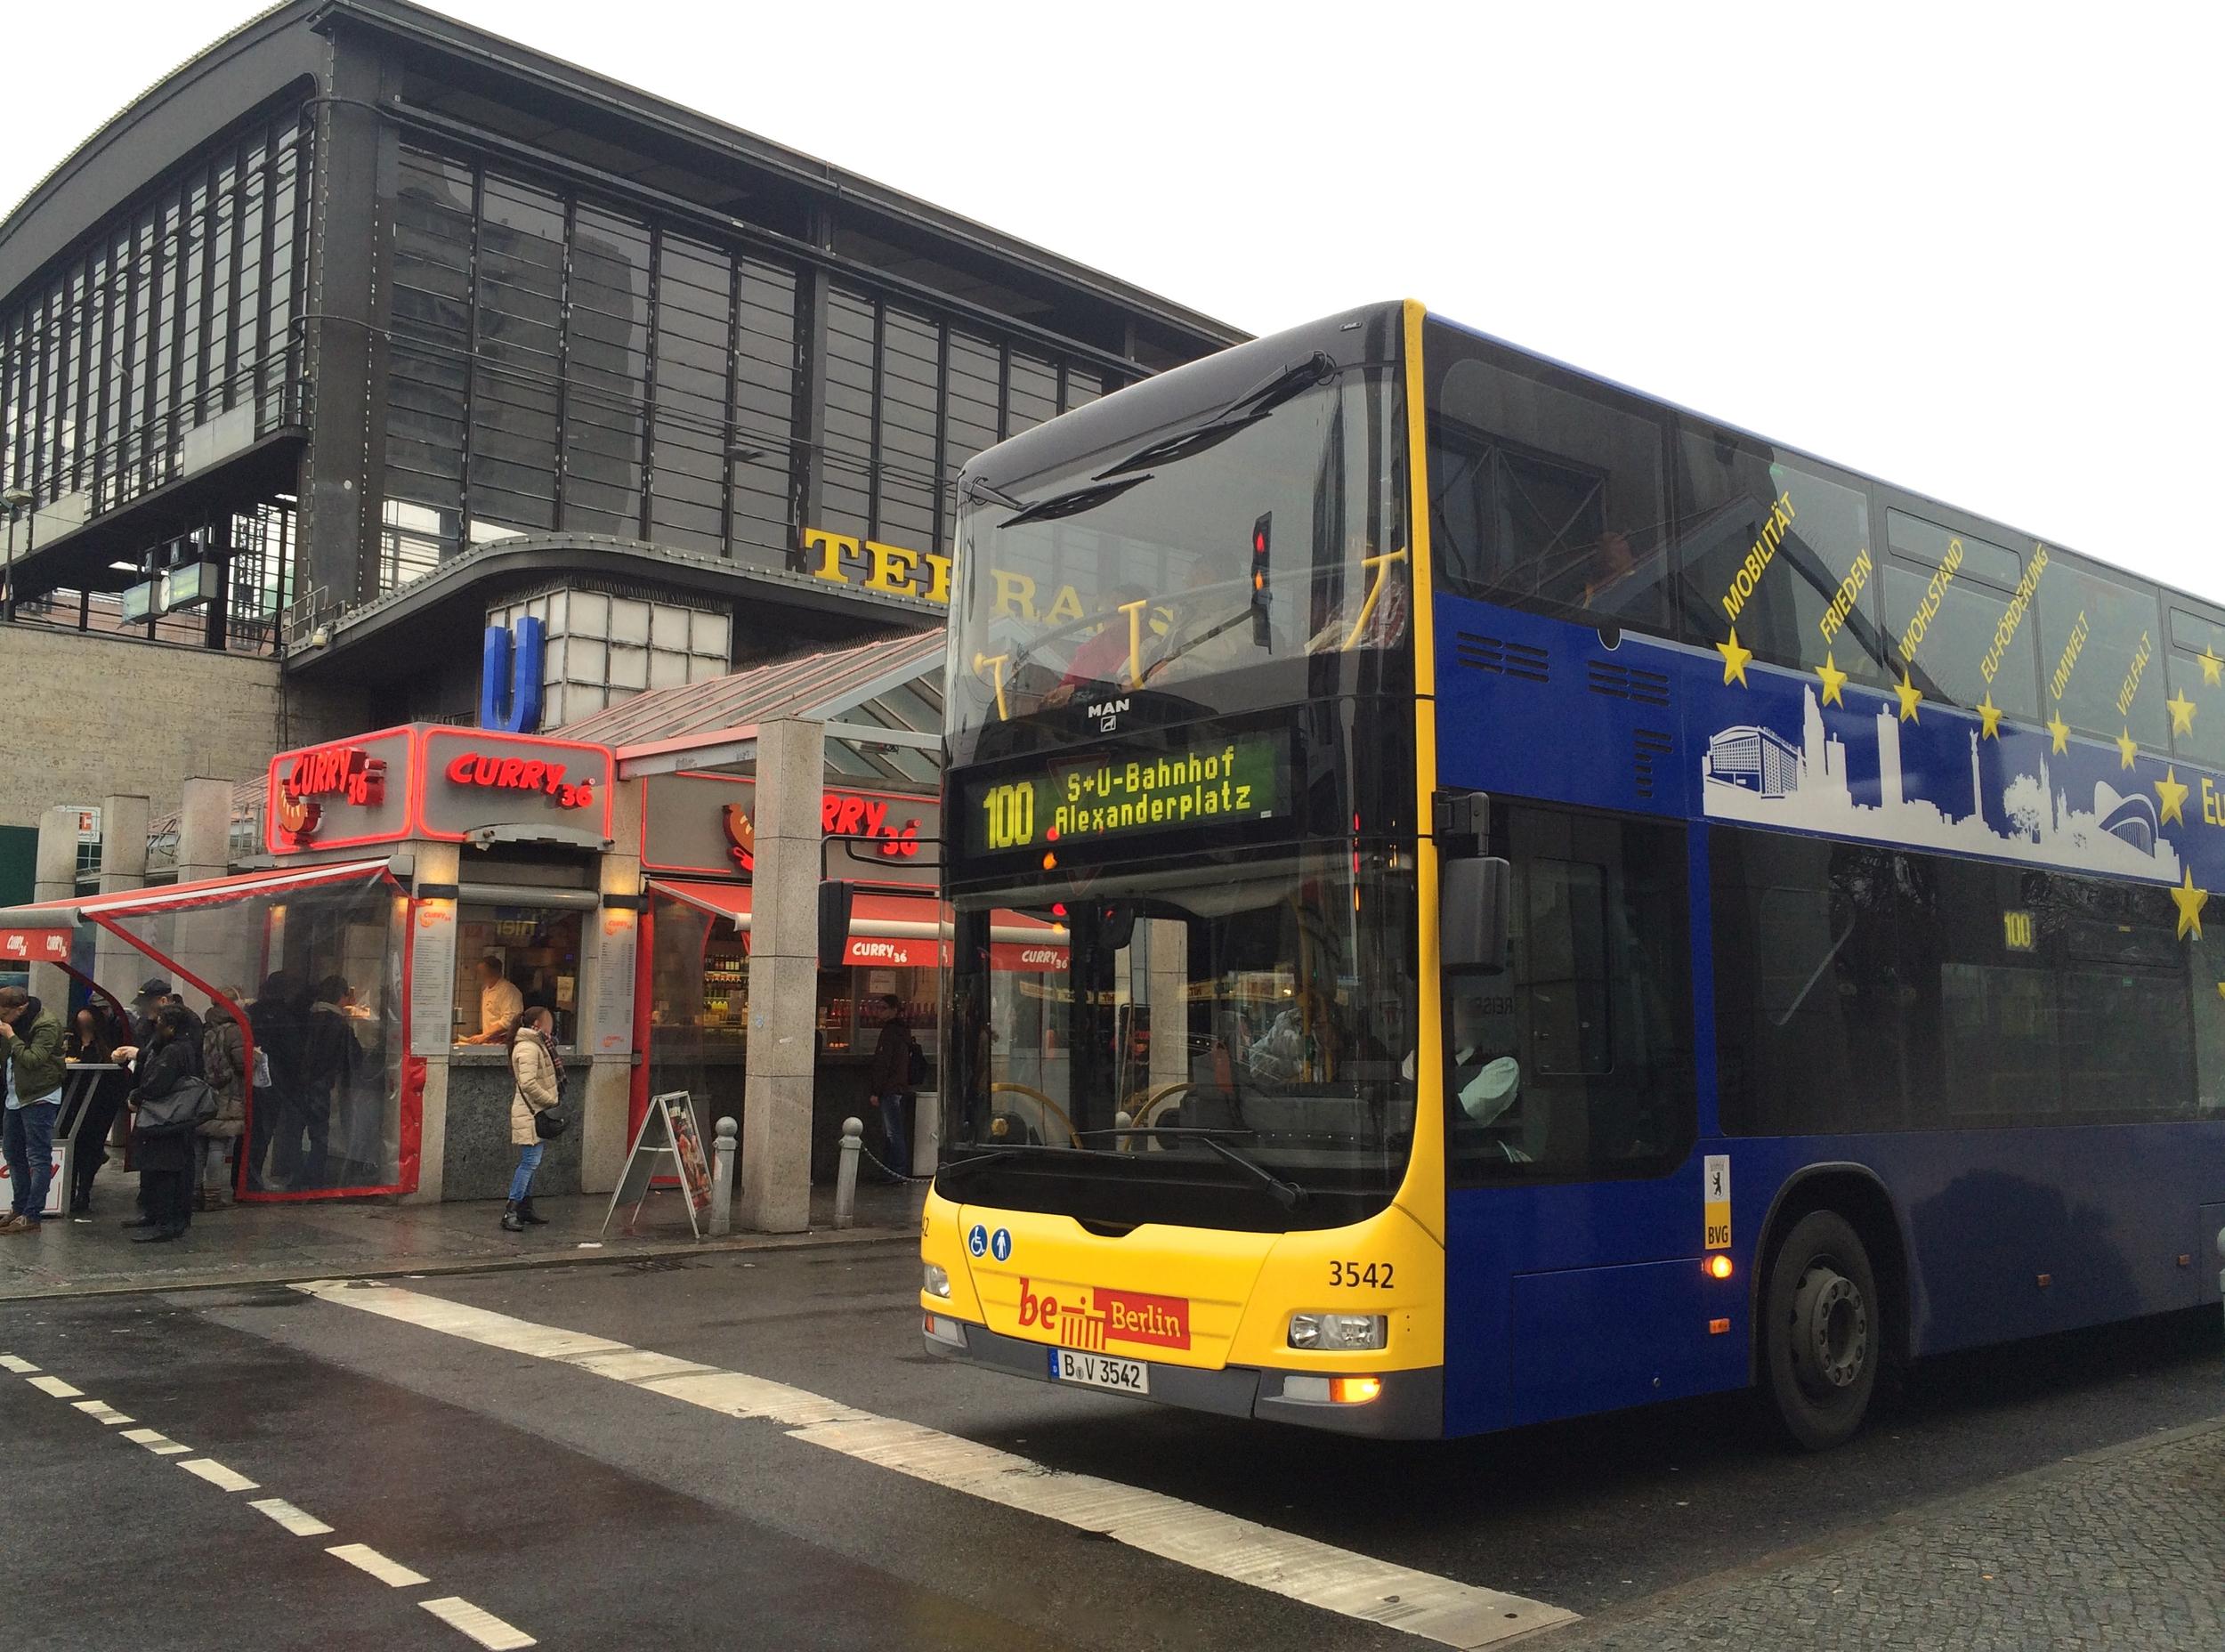 Bus 100 Berlin Image © Melinda Barlow